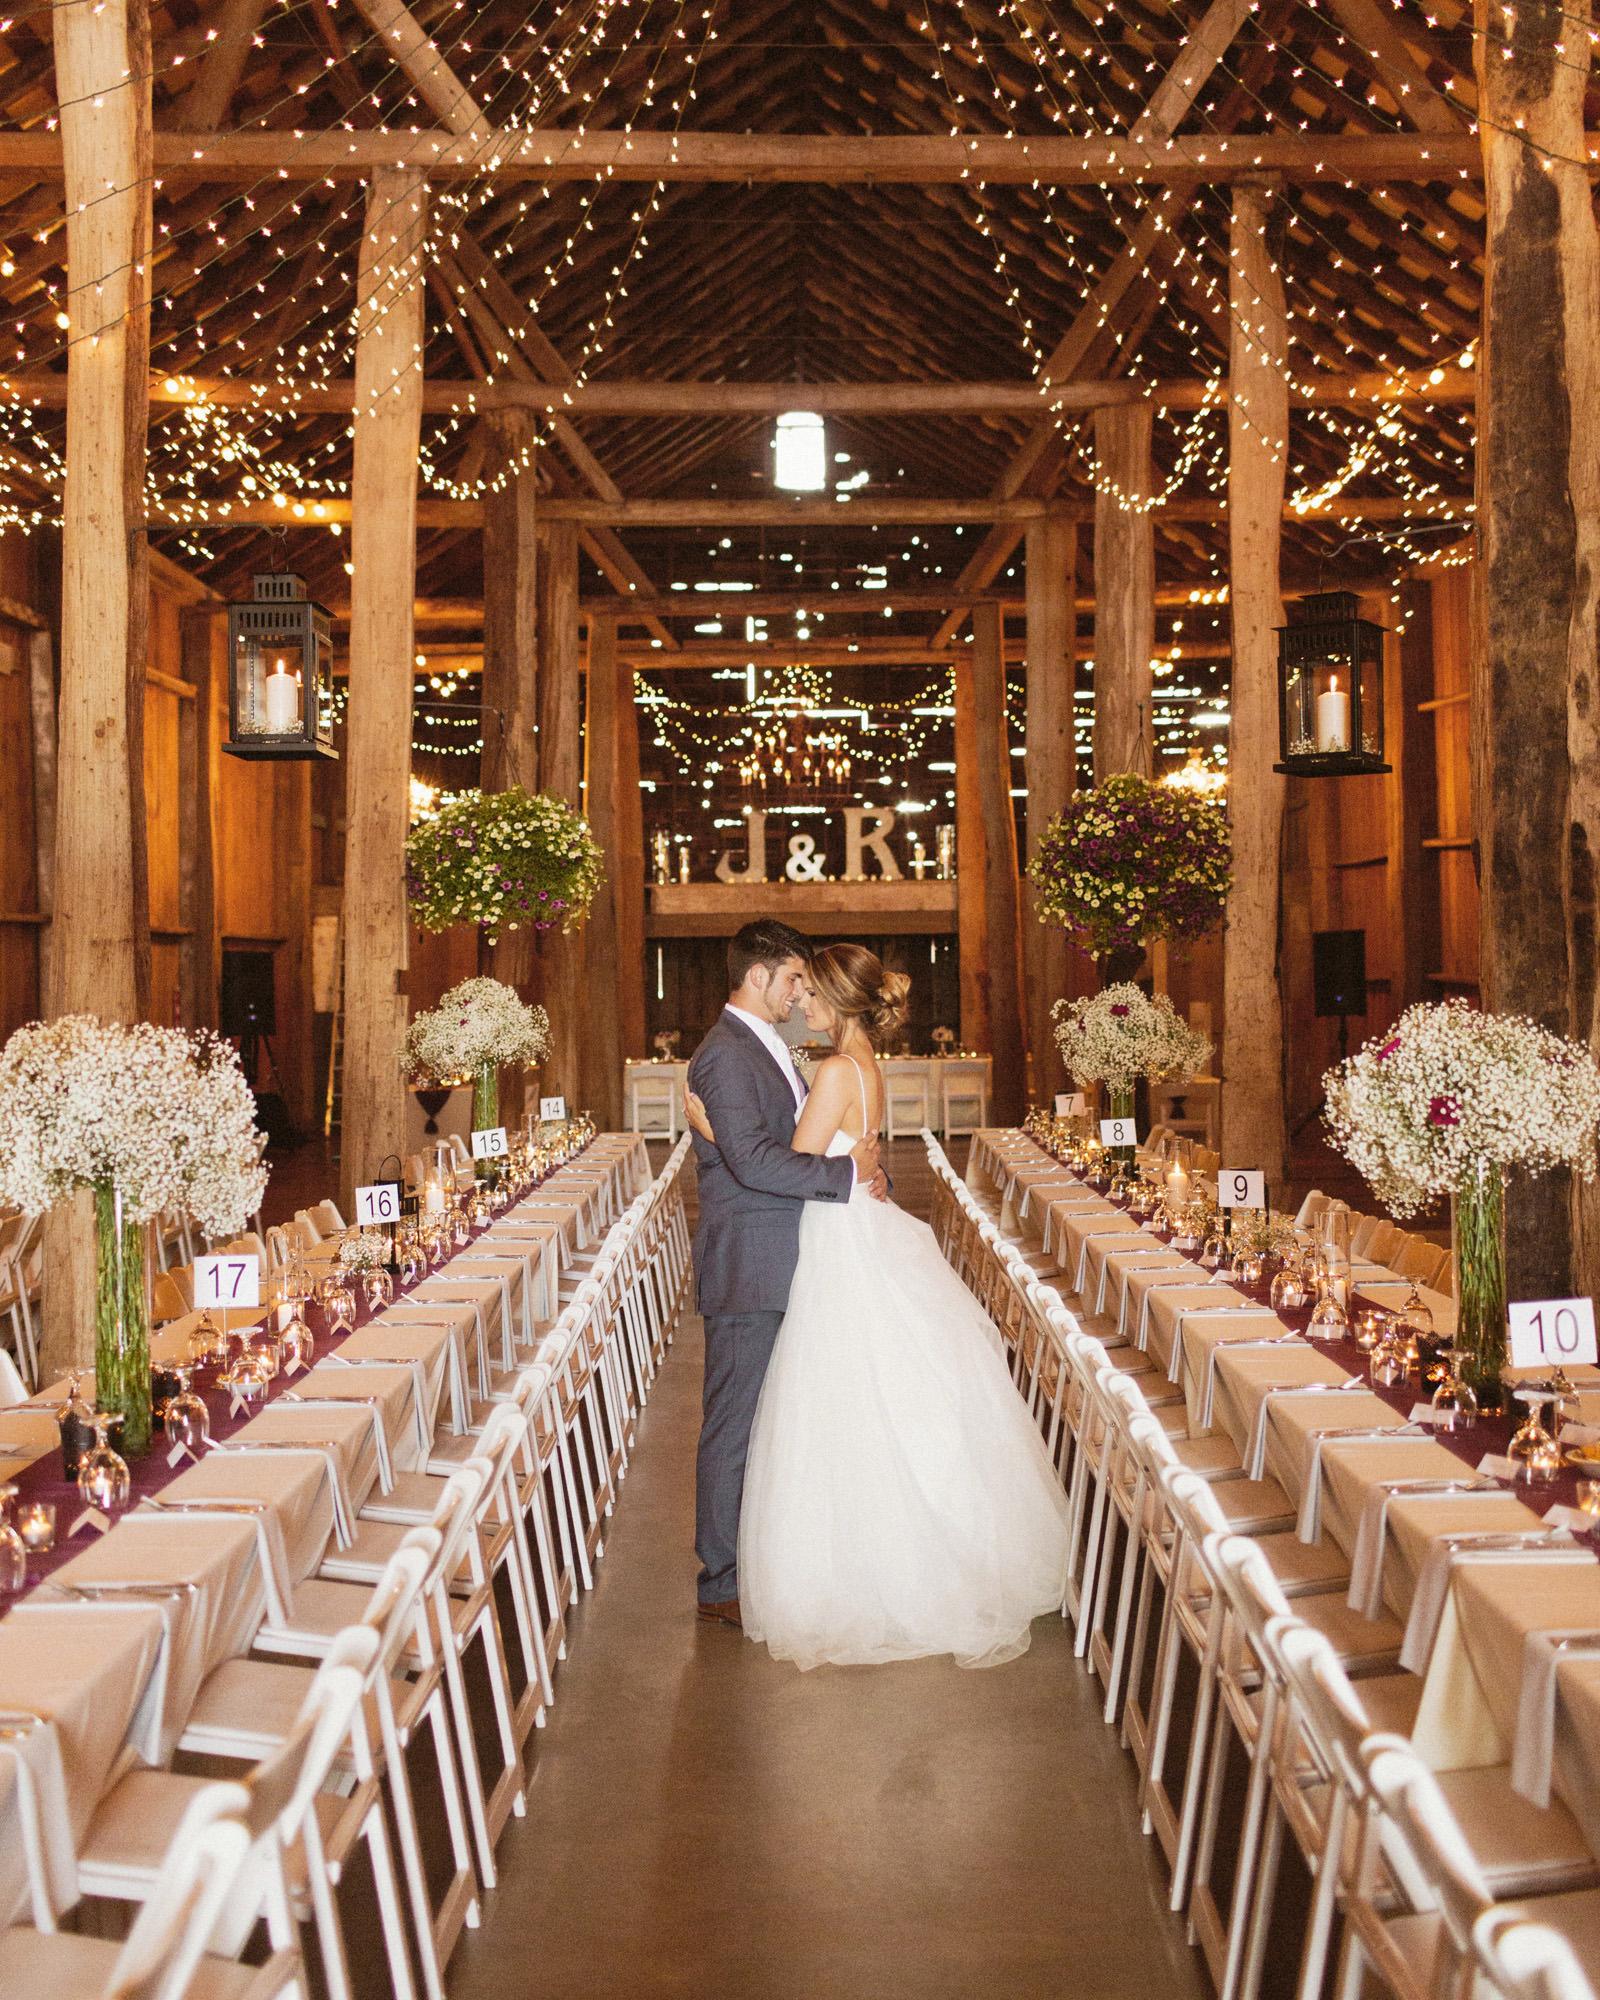 jacobregan-blog-46 SCHILLER FAMILY FARM WEDDING